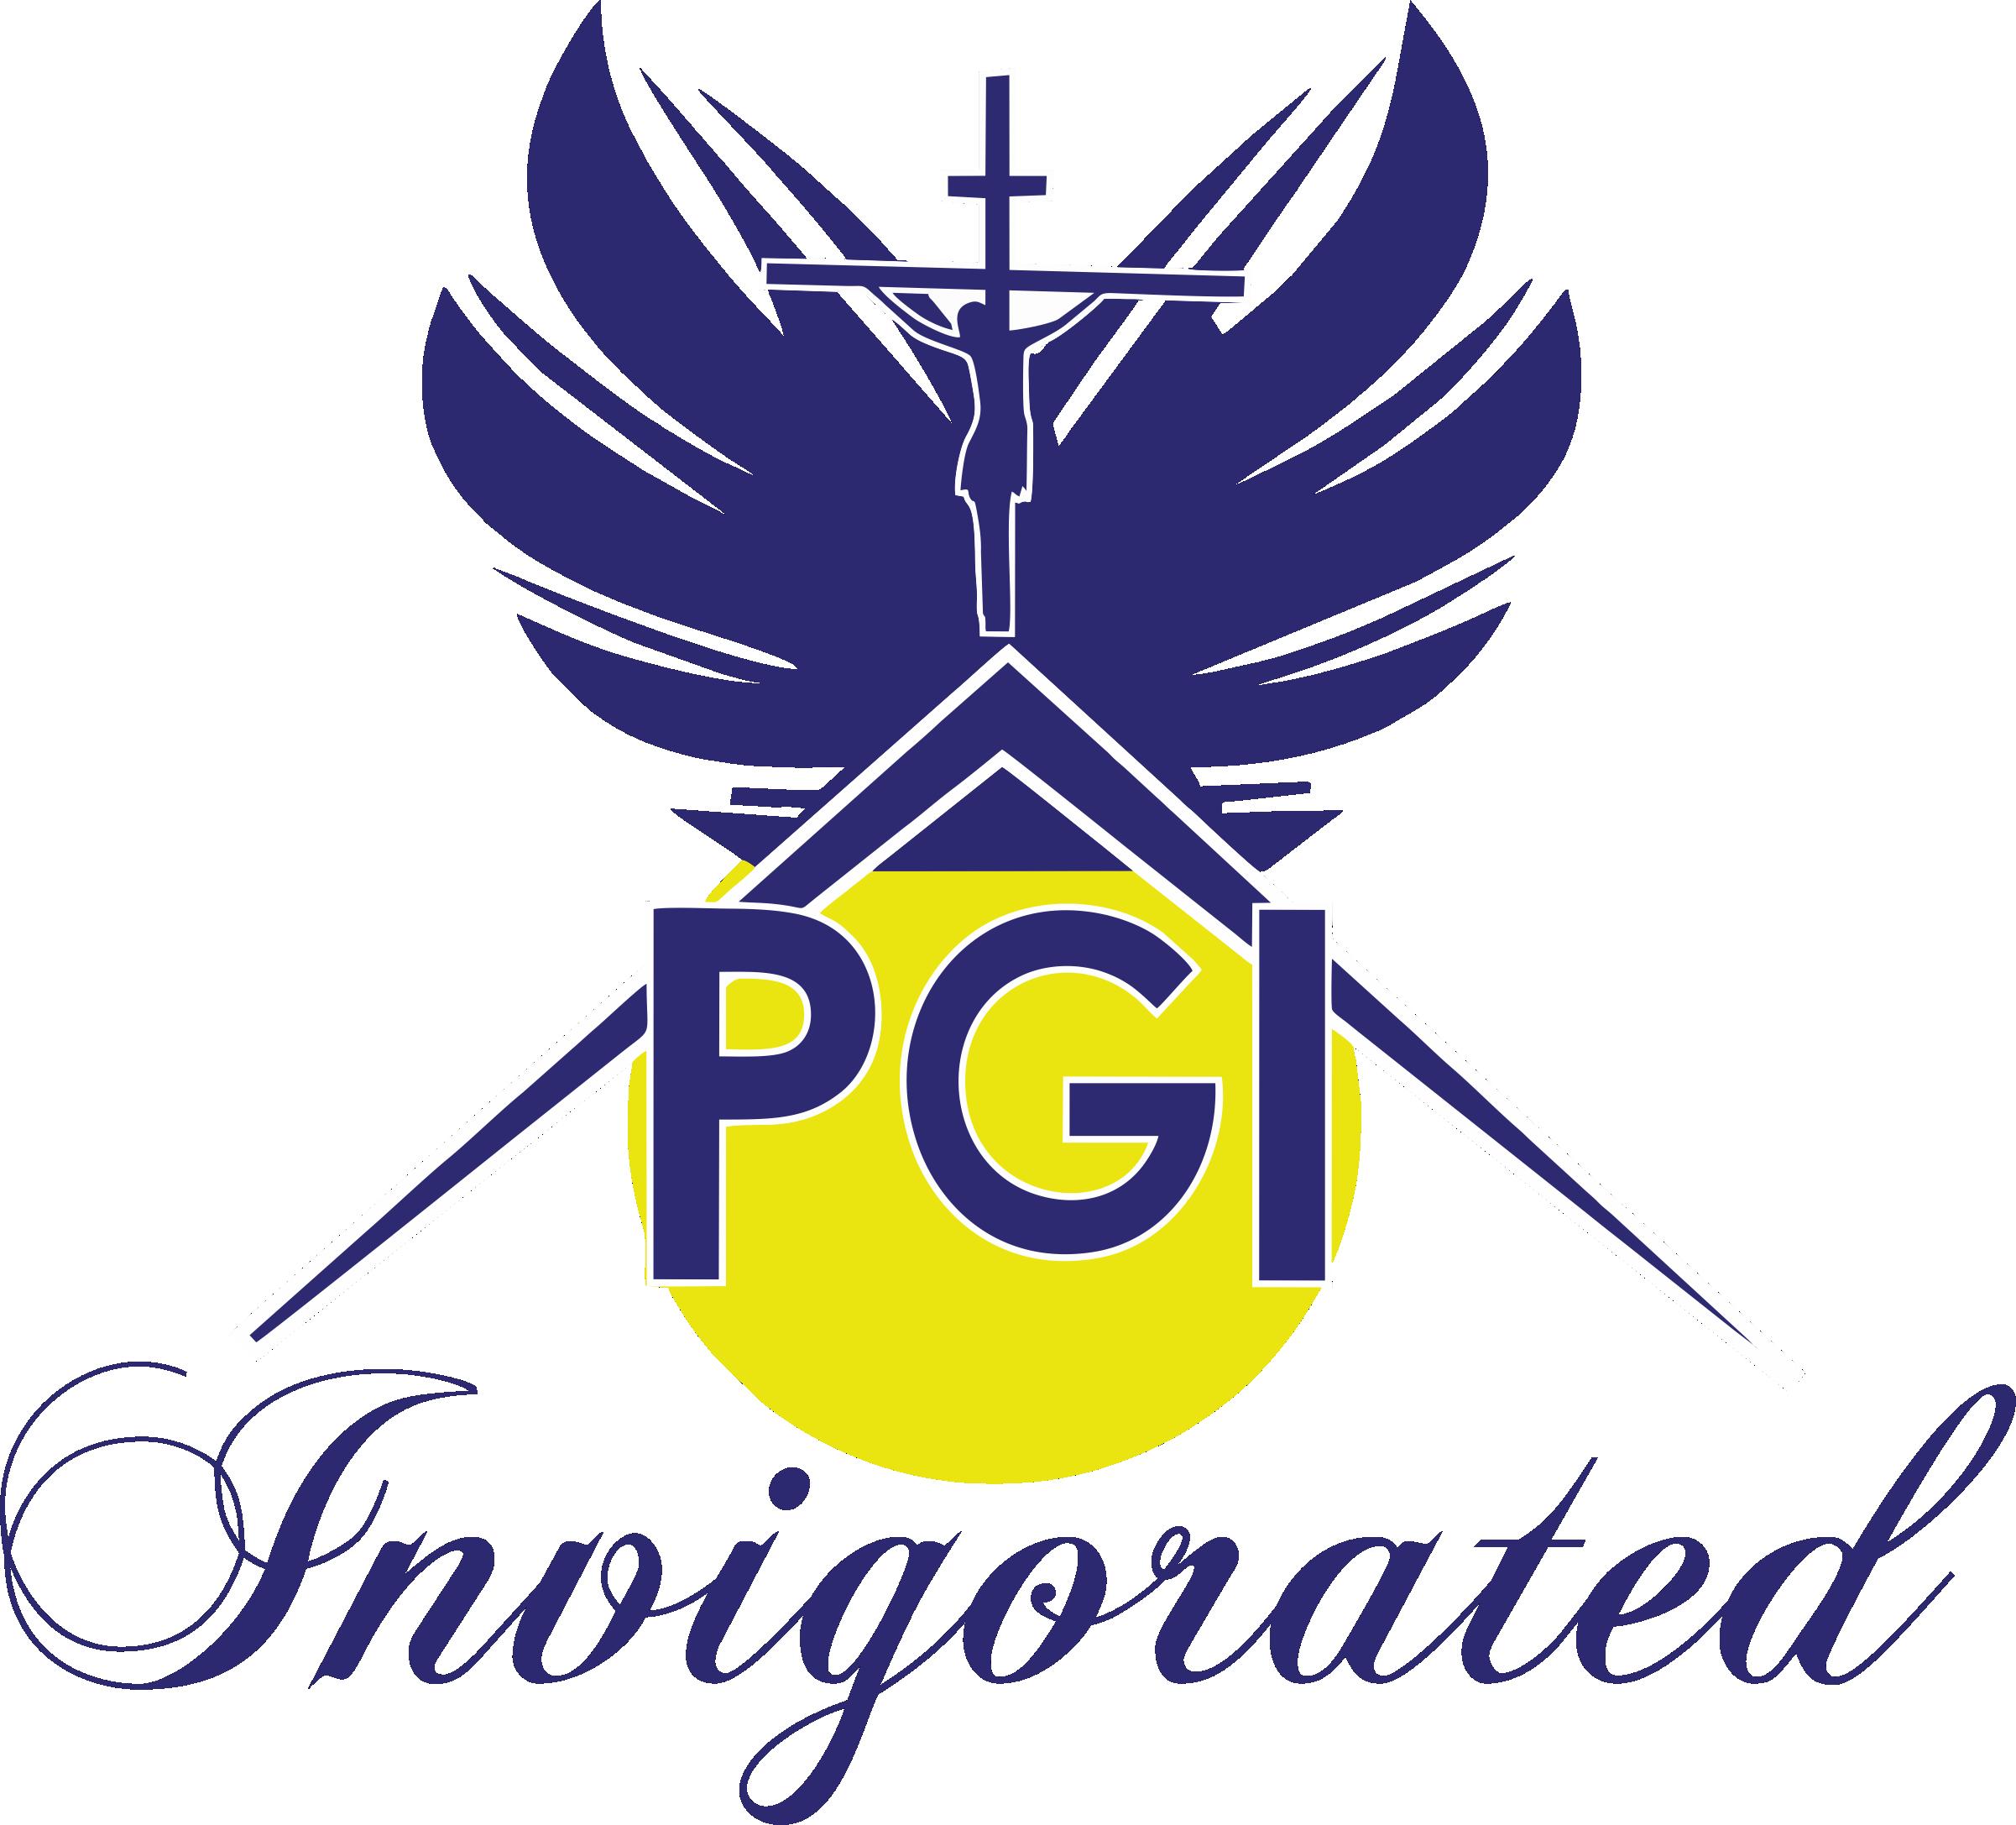 PGI Invigorated